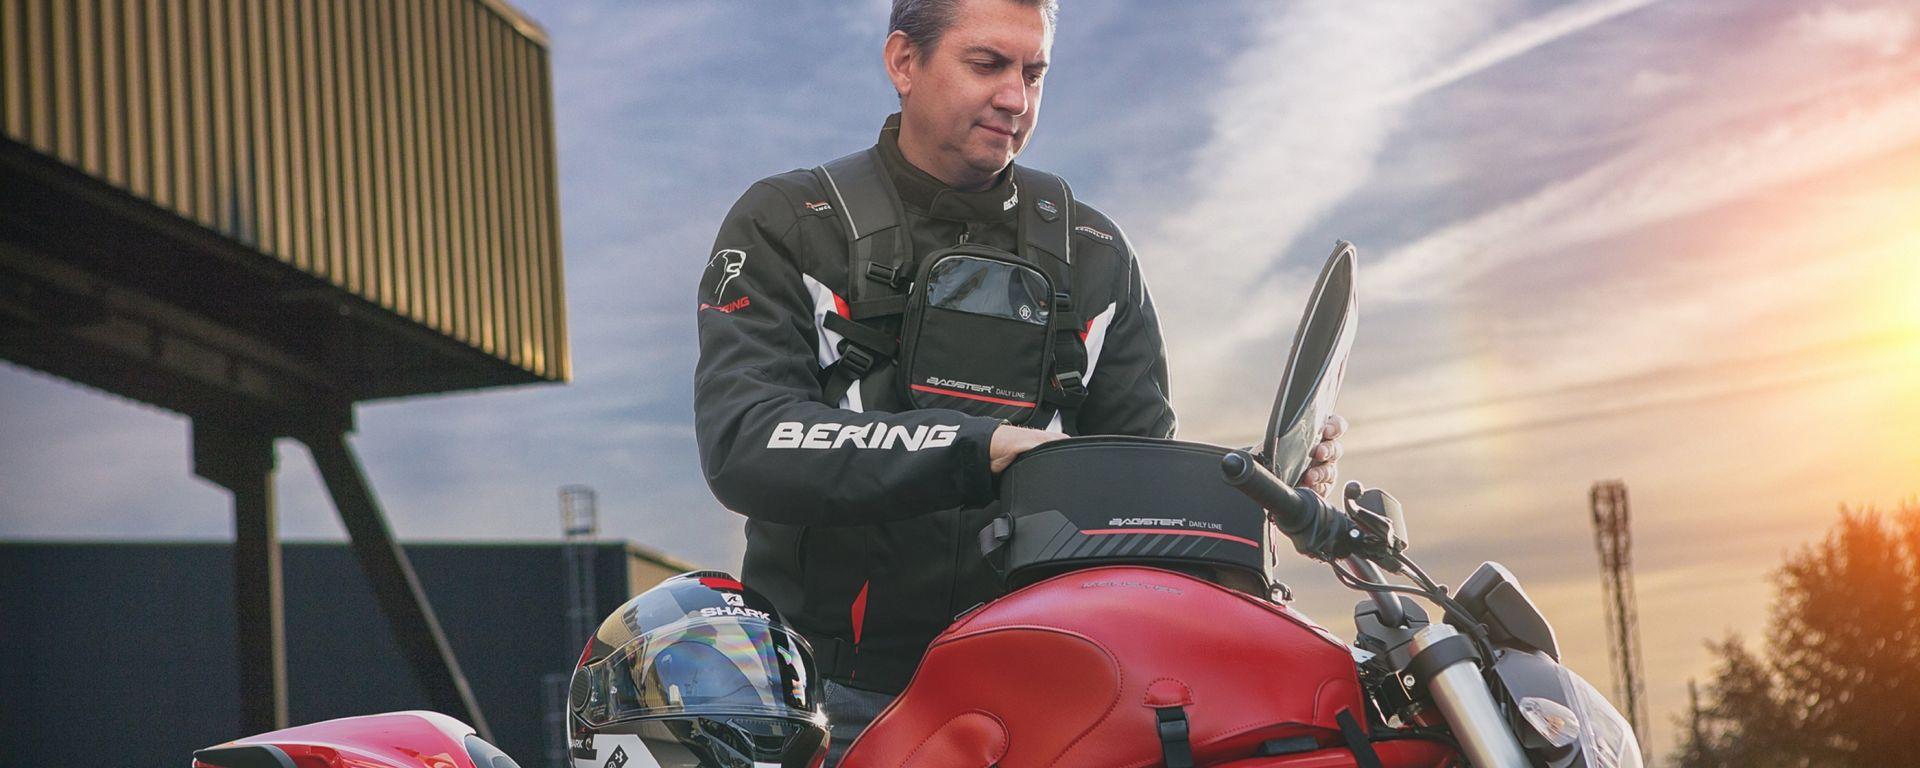 Bagster Daily Line: la nuova linea di borse per ogni moto